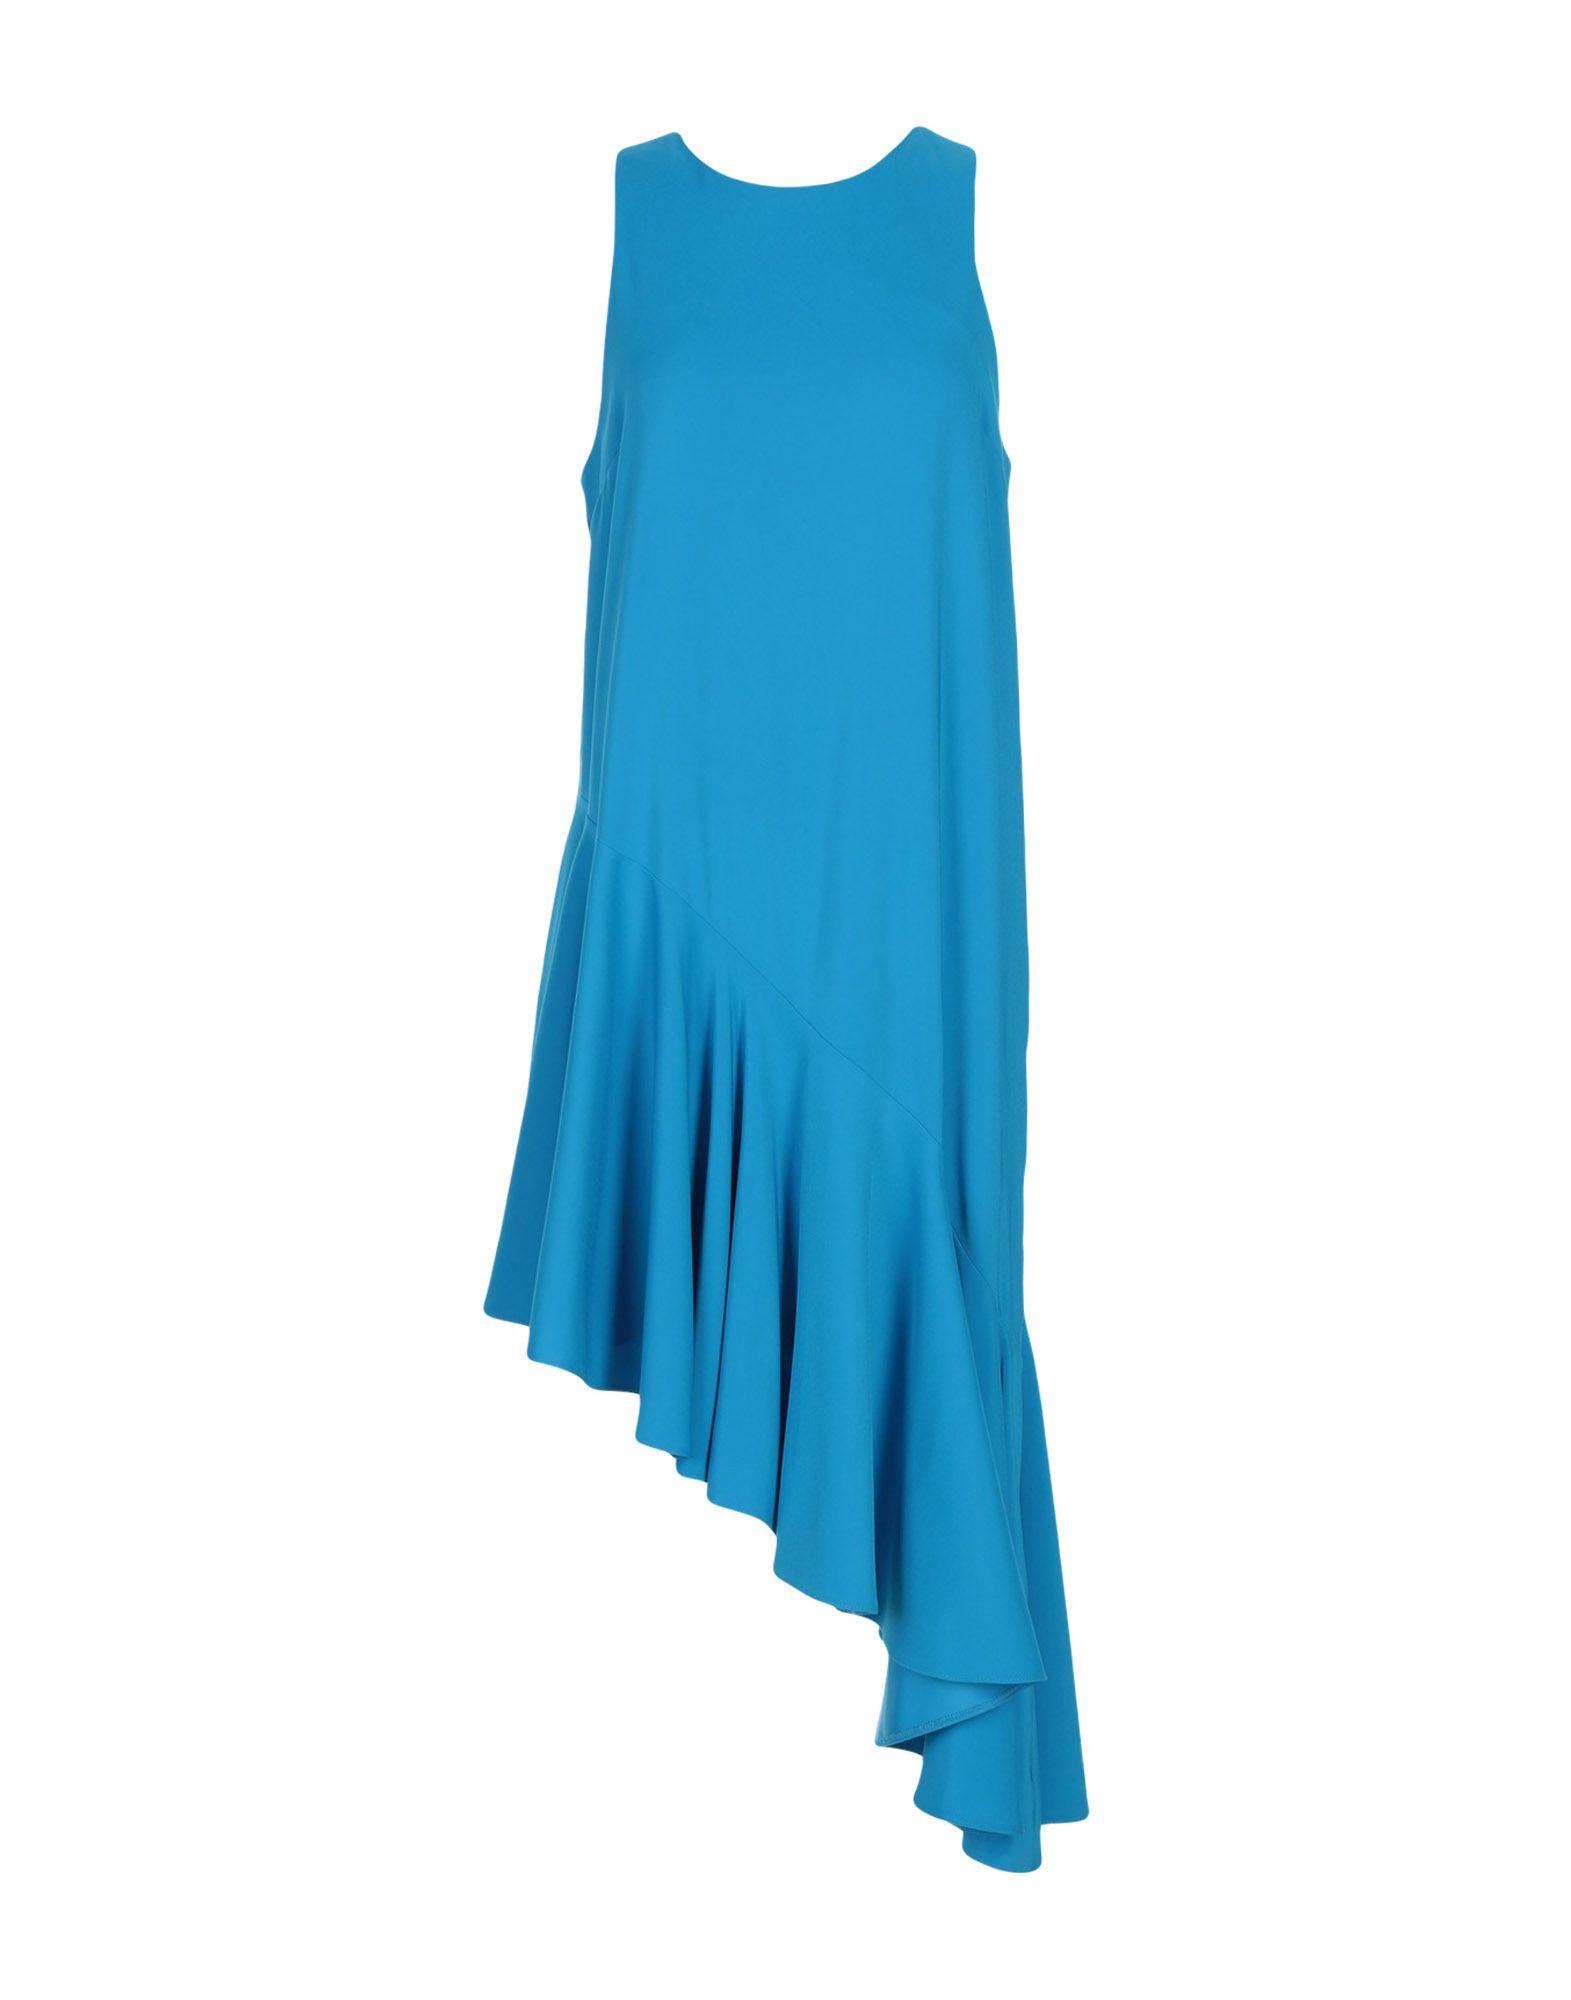 TOPSHOP Платье до колена платье для беременных topshop 4 25